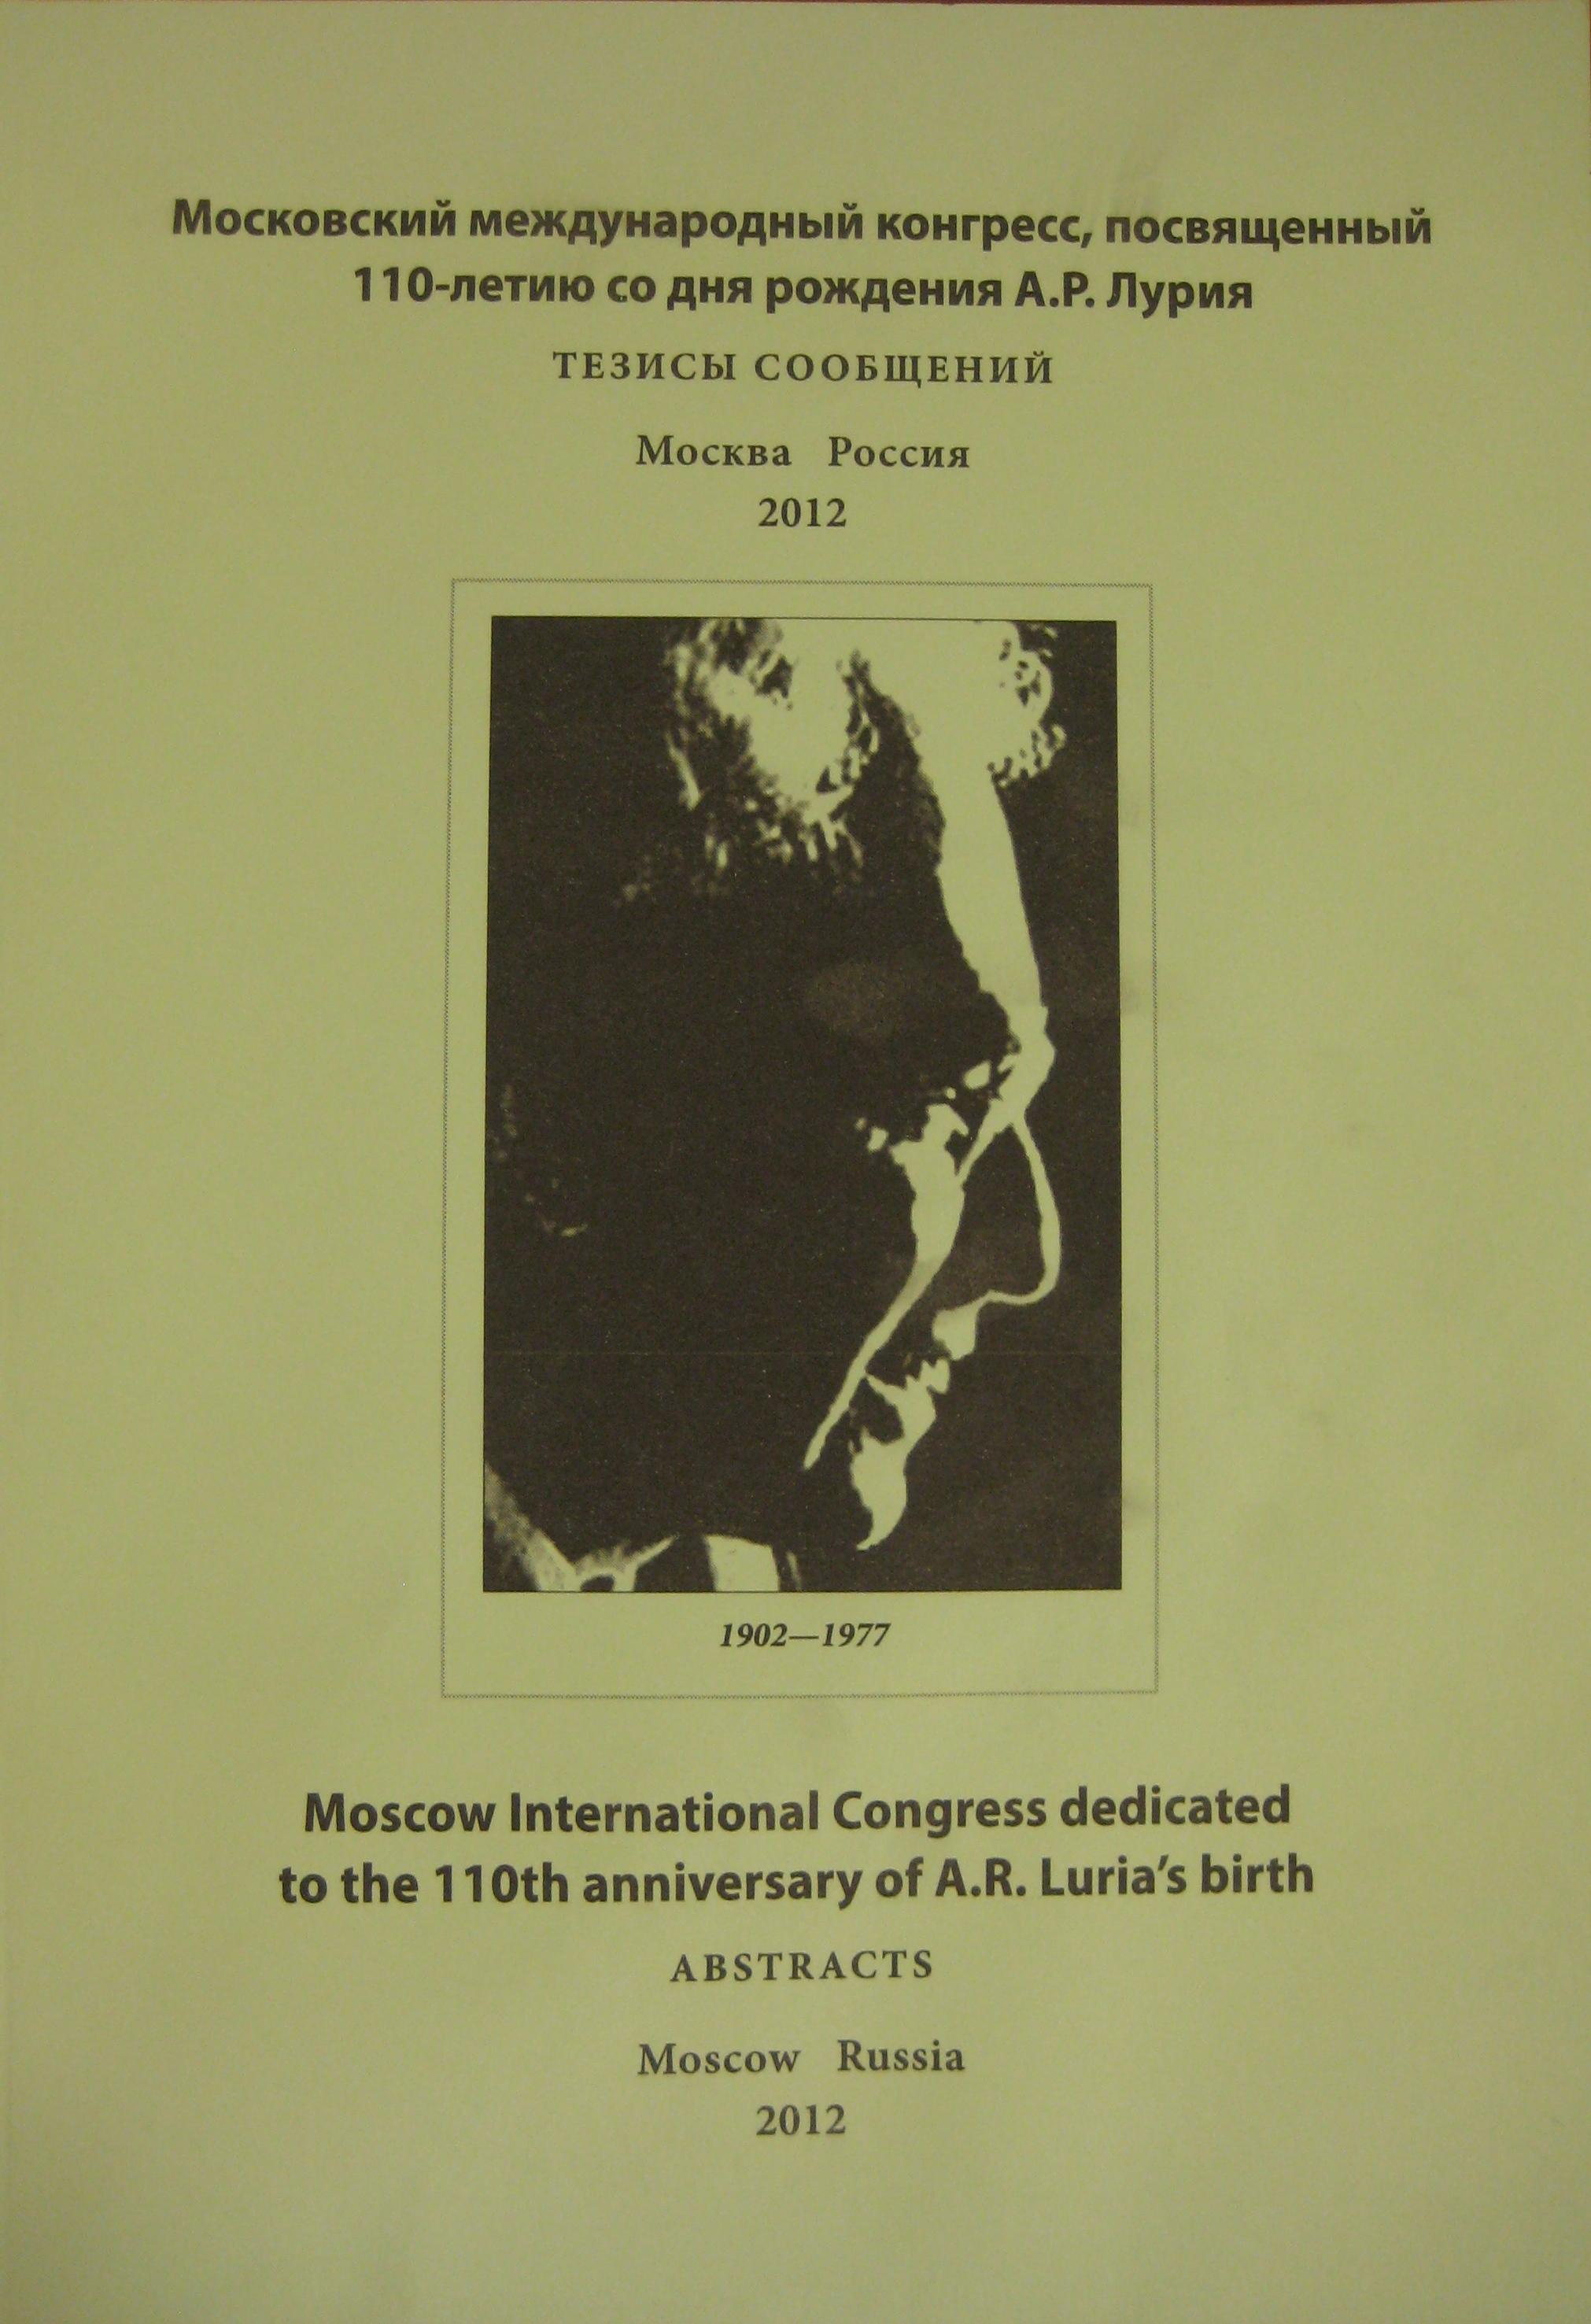 Московский международный конгресс, посвященный 110-летию со дня рождения А.Р. Лурия. Тезисы сообщений